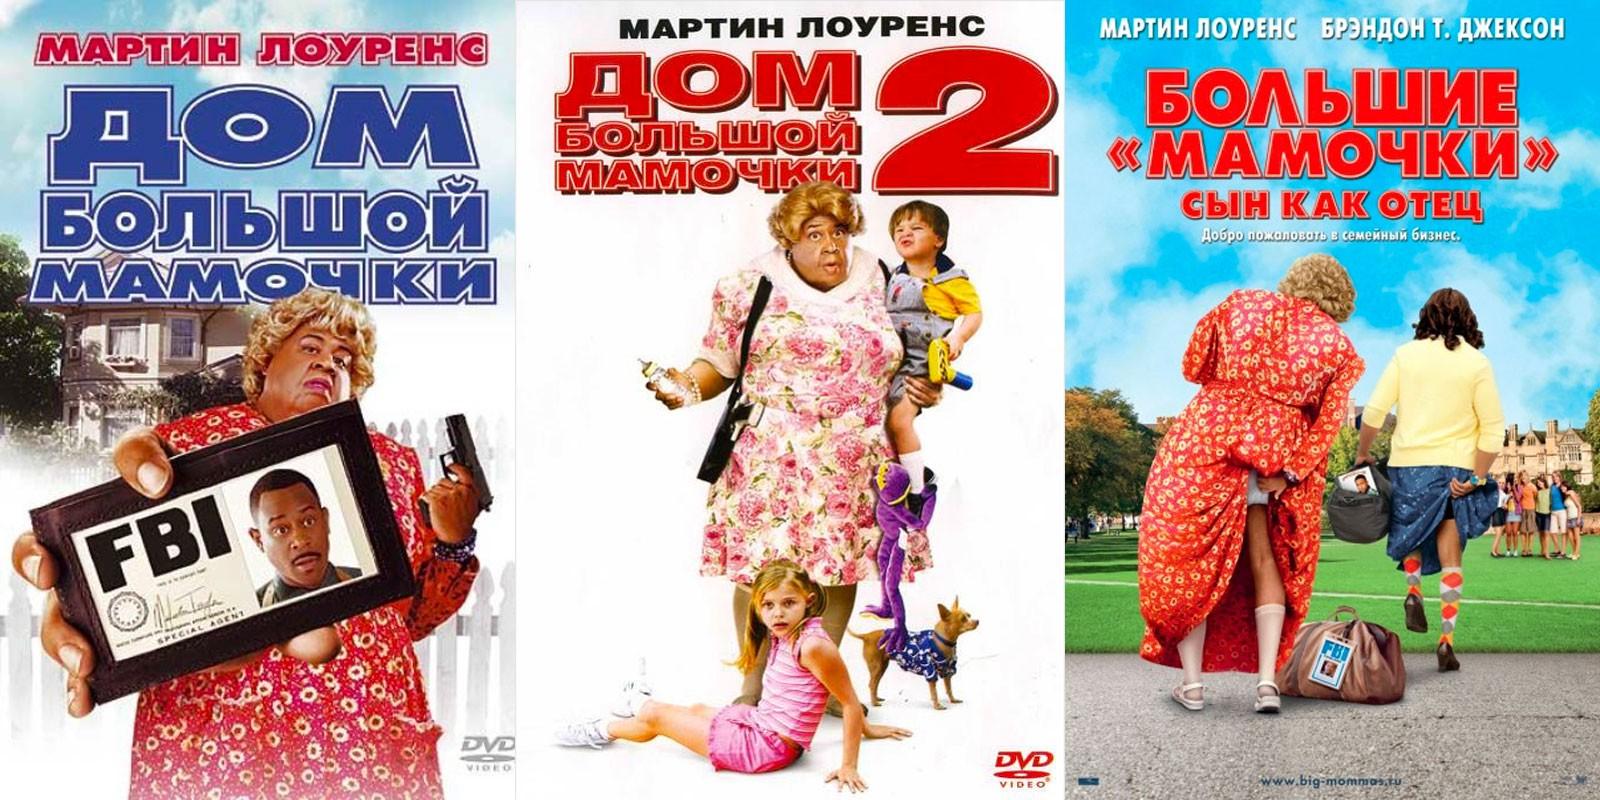 """Фильмы """"Дом большой мамочки"""", """"Дом большой мамочки 2"""" и """"Большие мамочки: Сын как отец"""""""